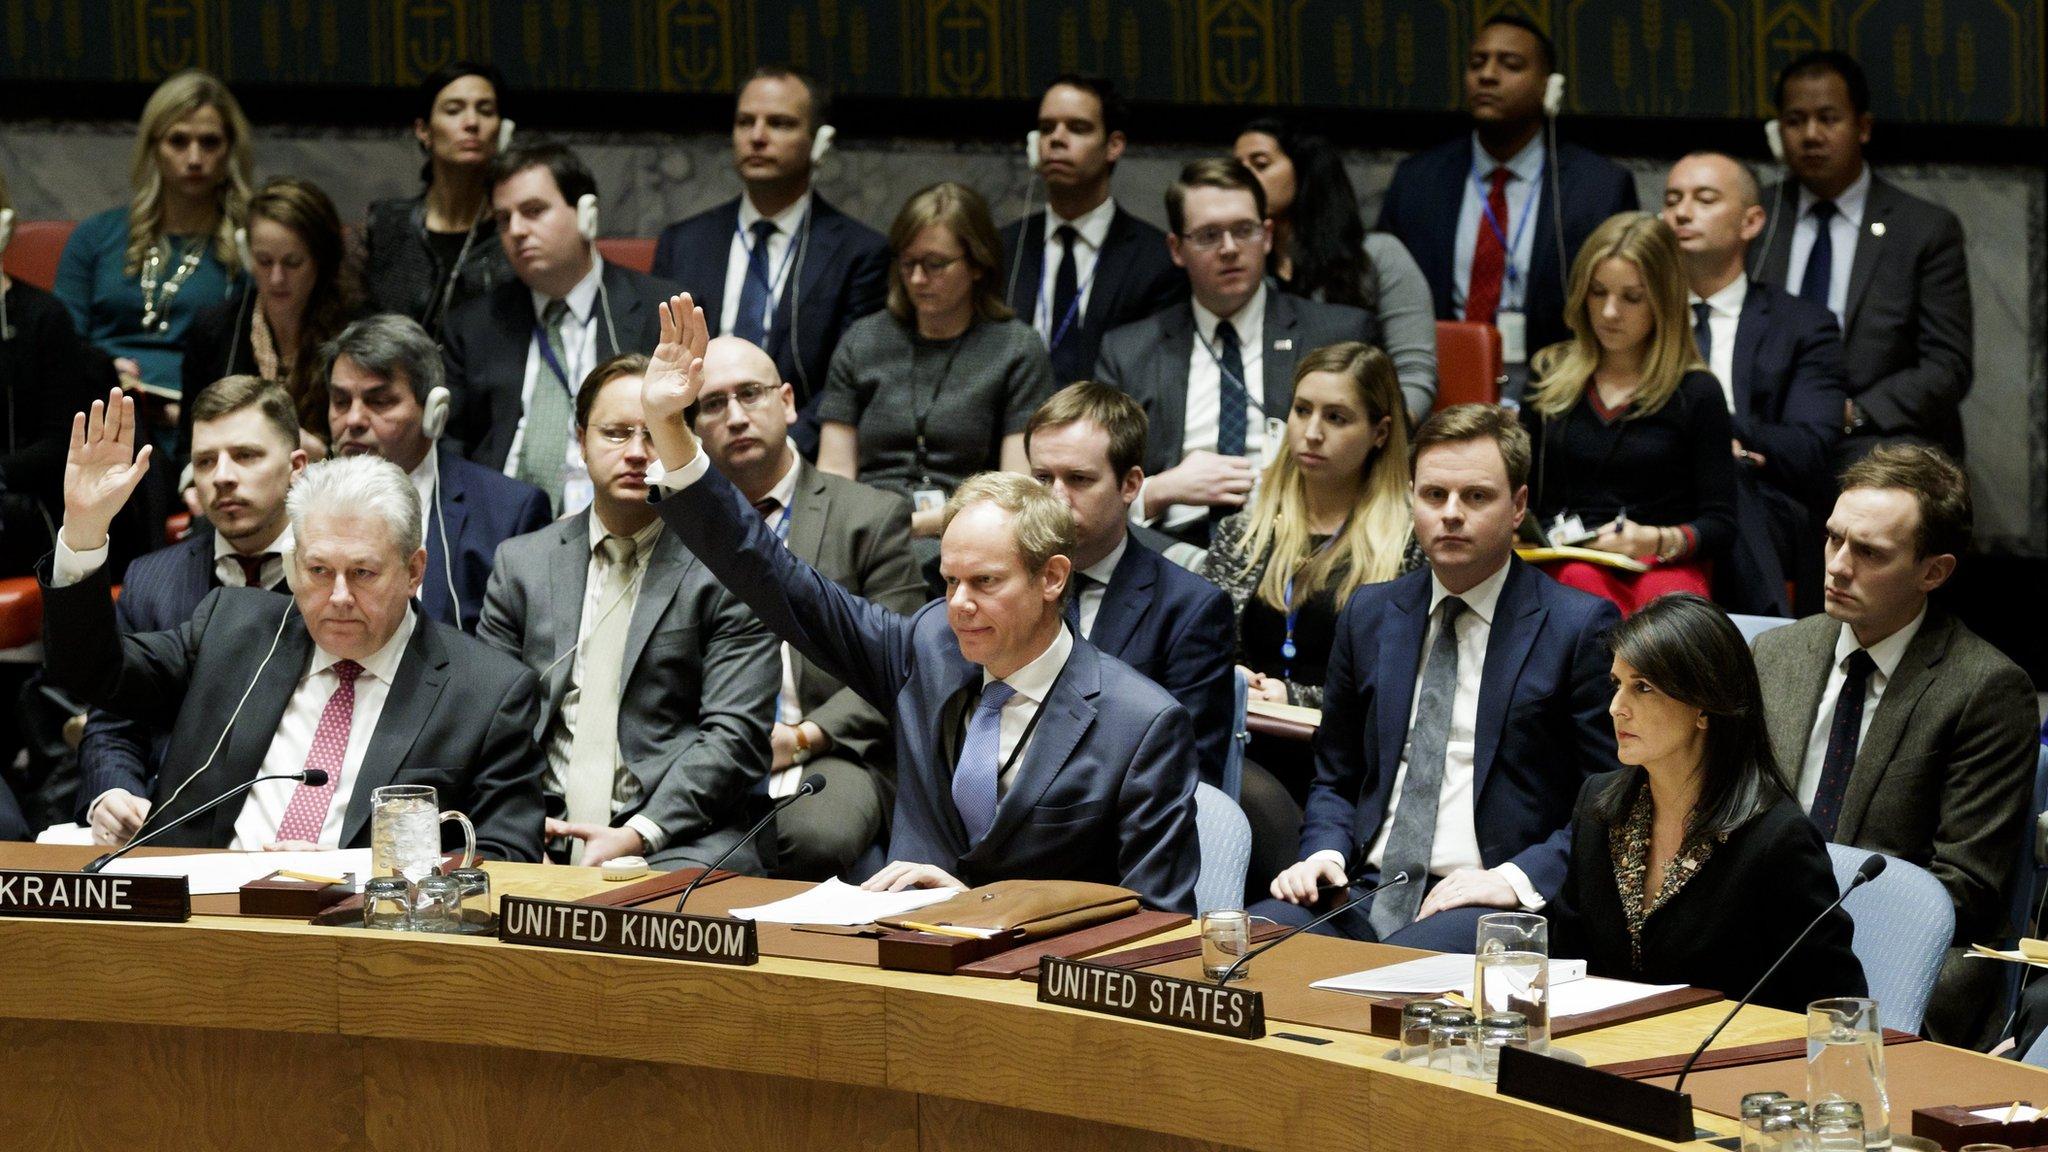 Los embajadores de Ucrania y Reino Unido en Naciones Unidas votan a favor de un proyecto de resolución sobre Jerusalén en el Consejo de Seguridad de la ONU, en presencia de la embajadora estadounidense Nikki Haley.